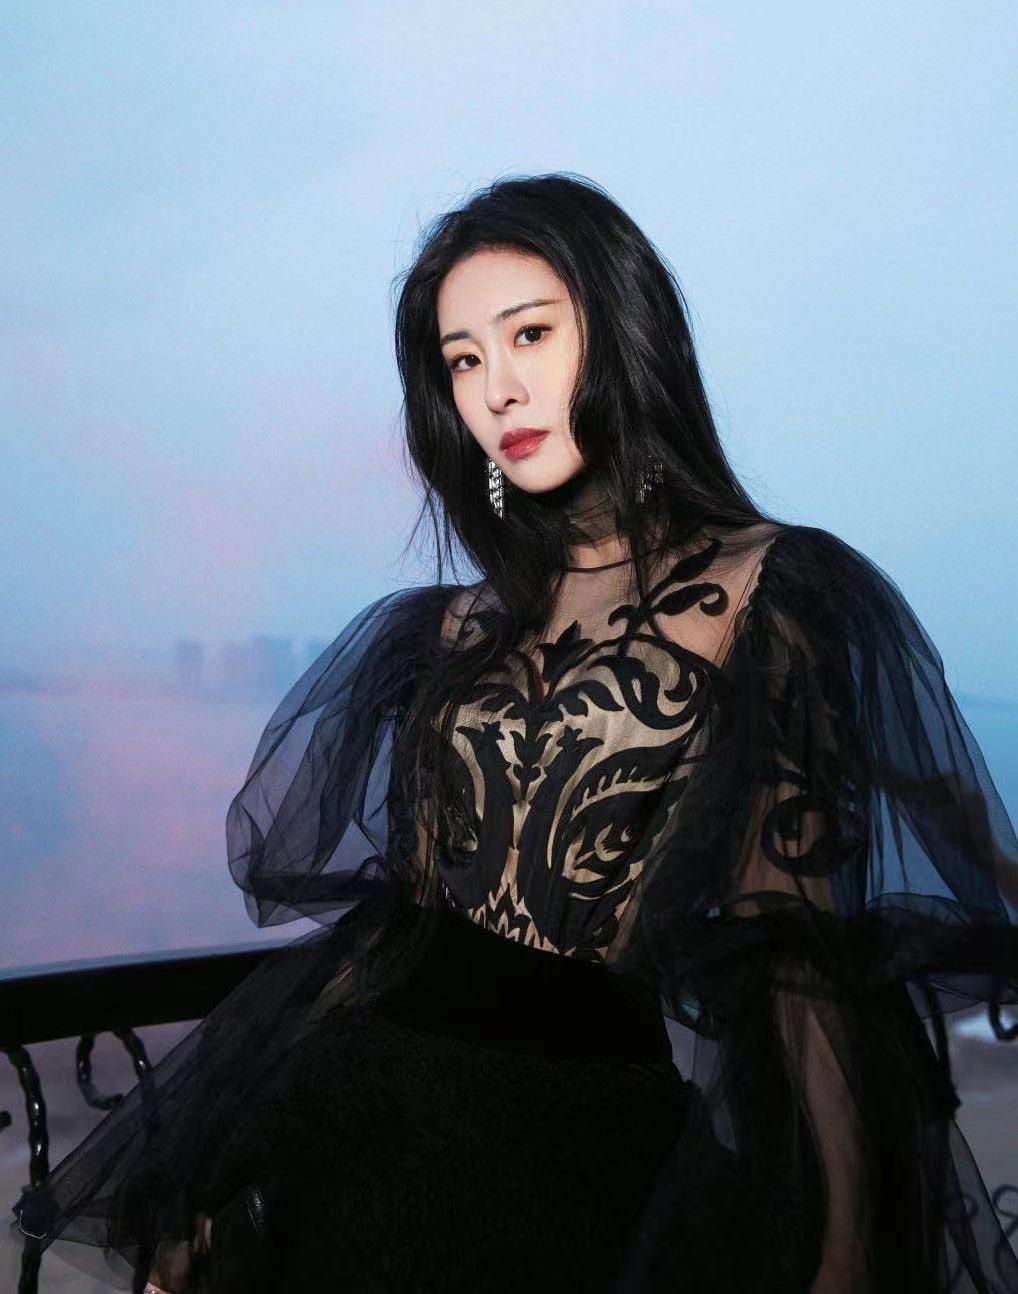 华晨宇和张碧晨都没结婚,将在无婚姻状况下抚养女儿,一起成长